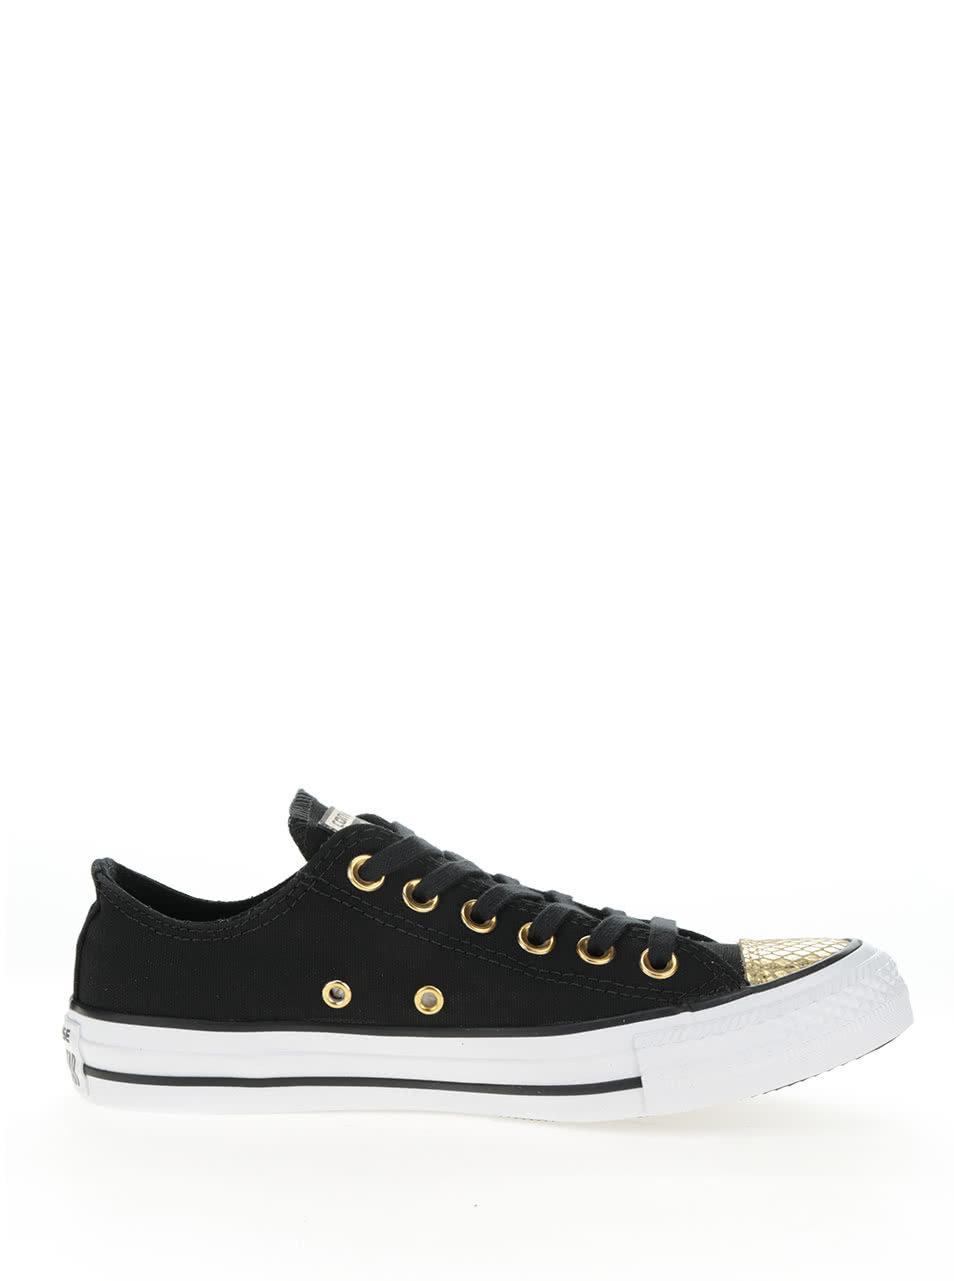 Bílo-černé dámské tenisky s detaily ve zlaté barvě Converse Chuck Taylor  All Star ... 6ca806b2606